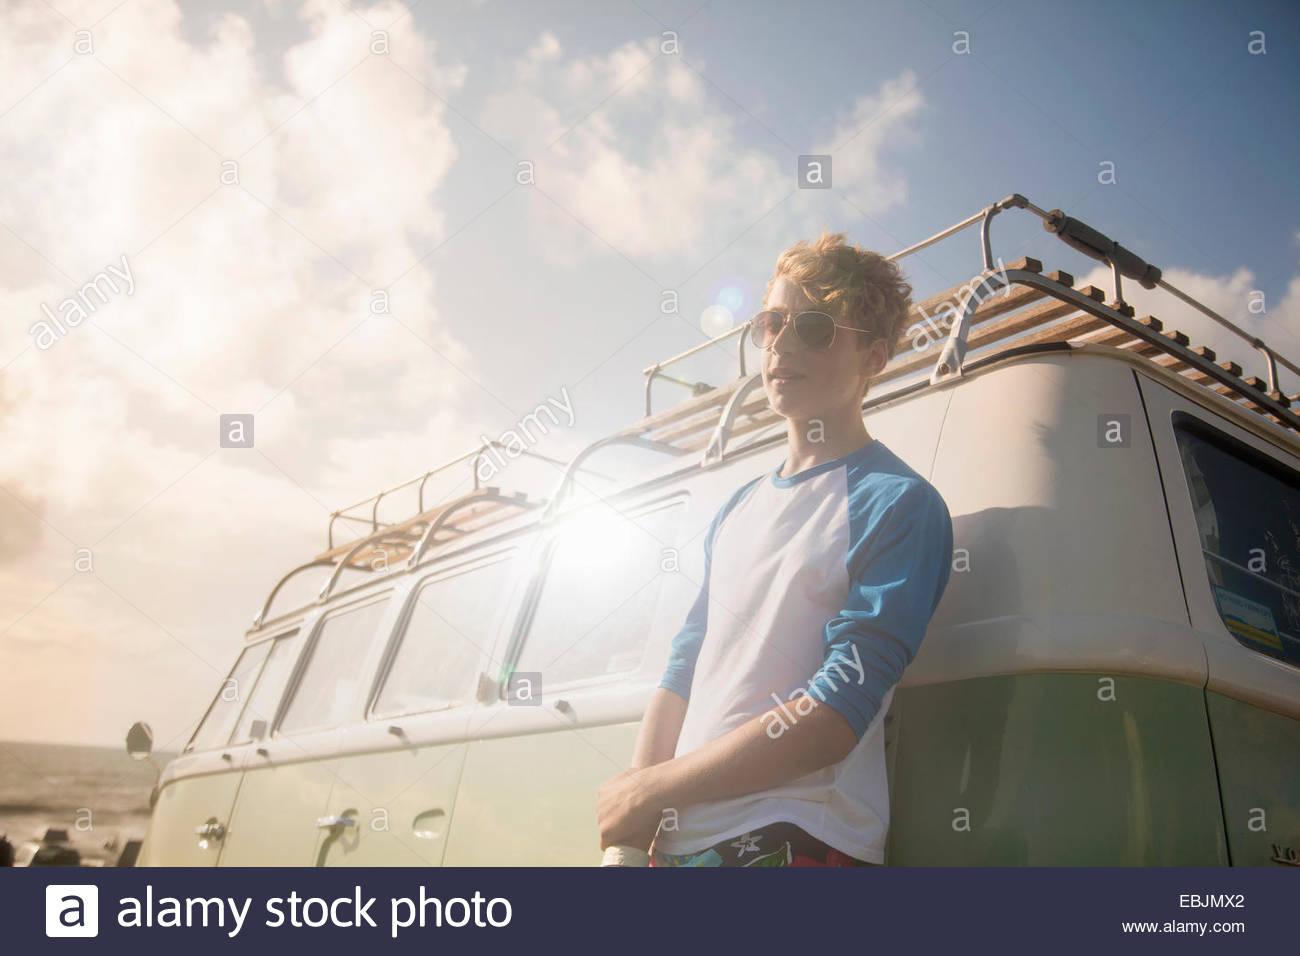 Teenage boy leaning against vehicle - Stock Image